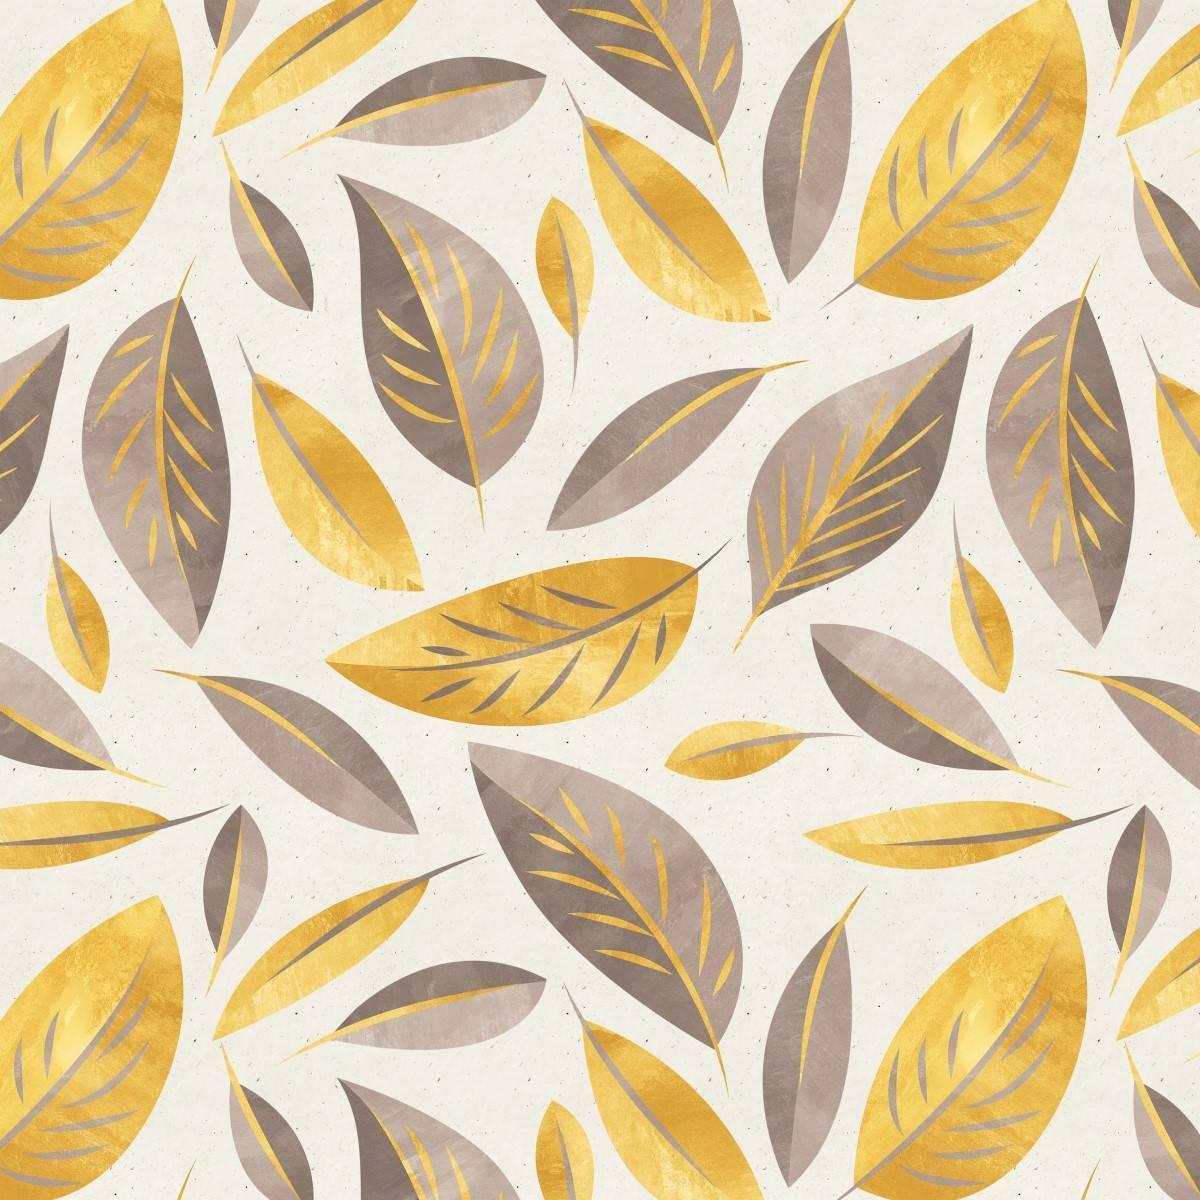 Papel de Parede Folha Dourada |Adesivo Vinílico imagem 2